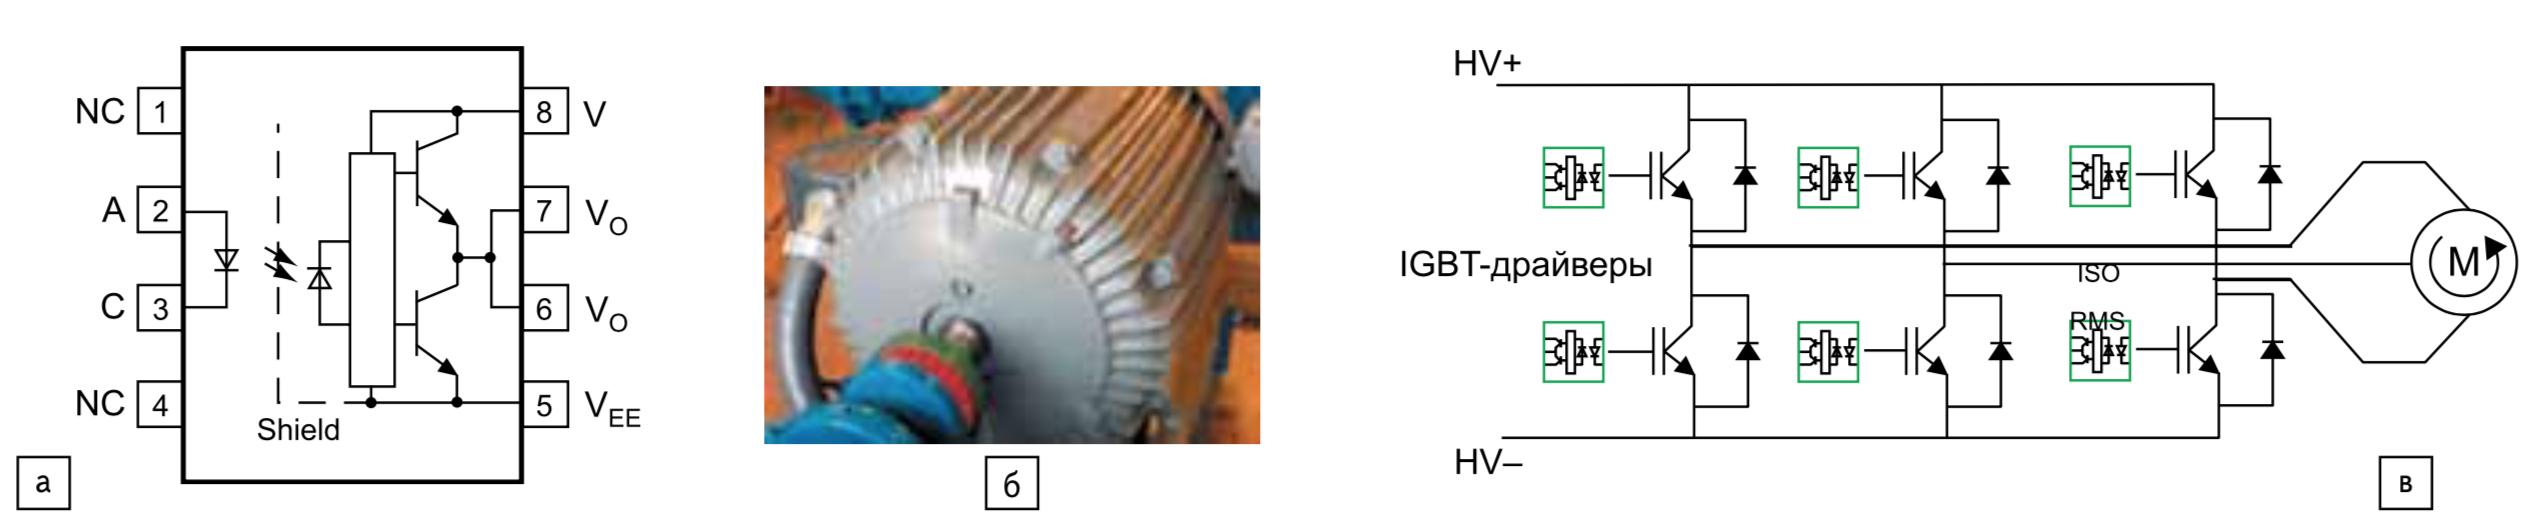 Оптически изолированные драйверы IGBT/MOSFET для промышленных приводов